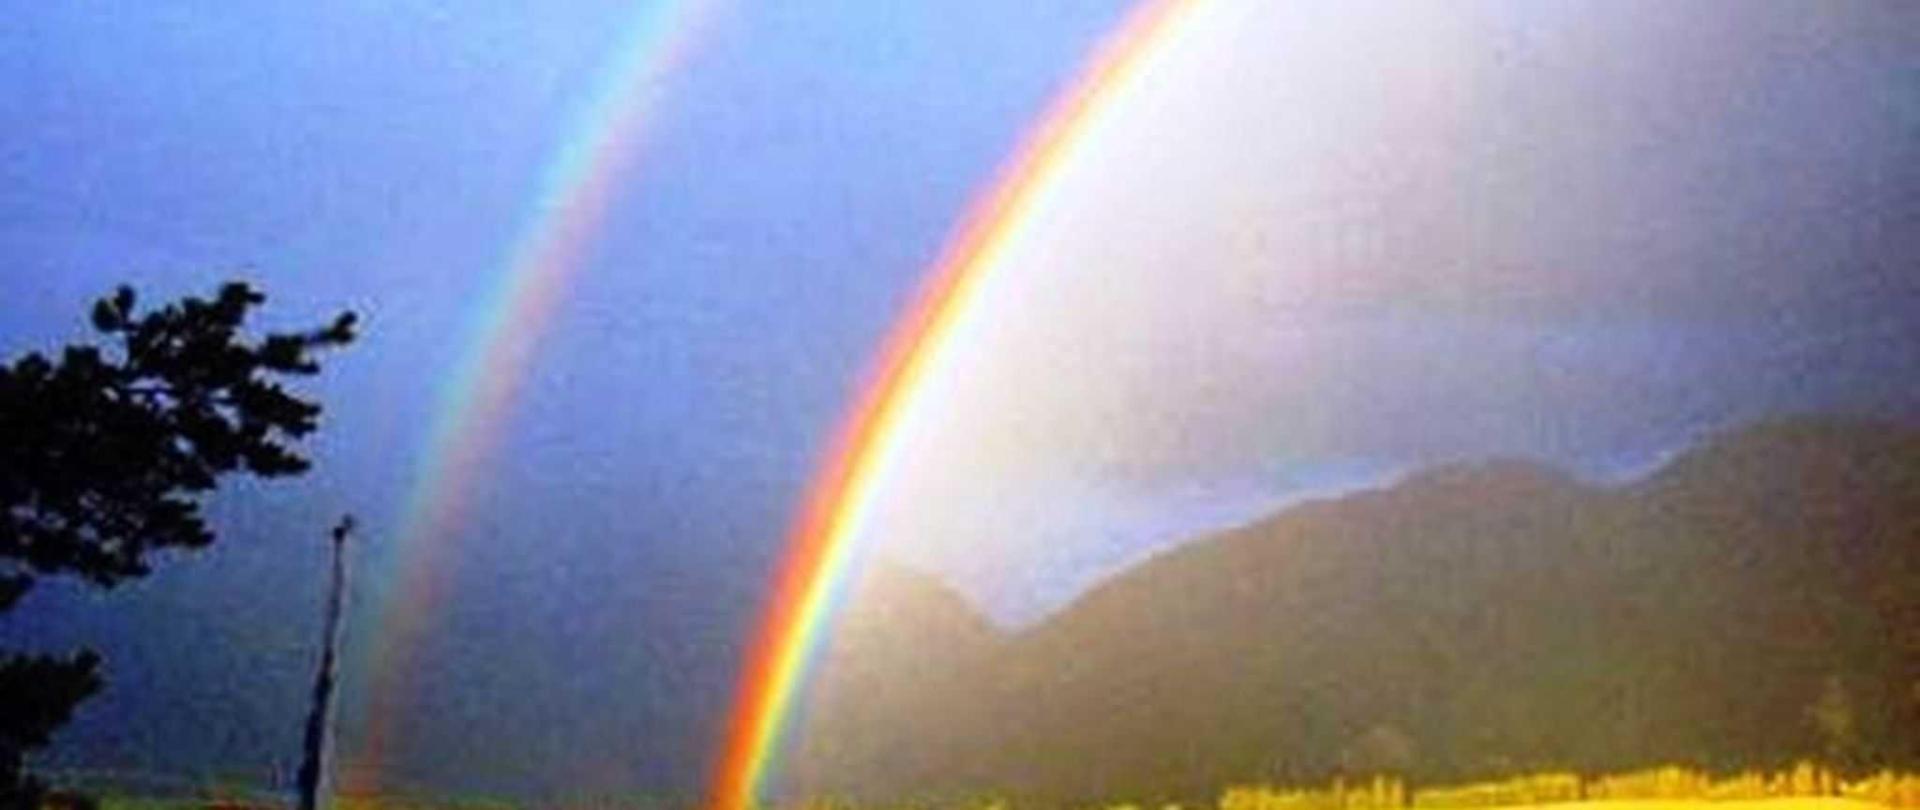 tn_regenbogen01.jpg